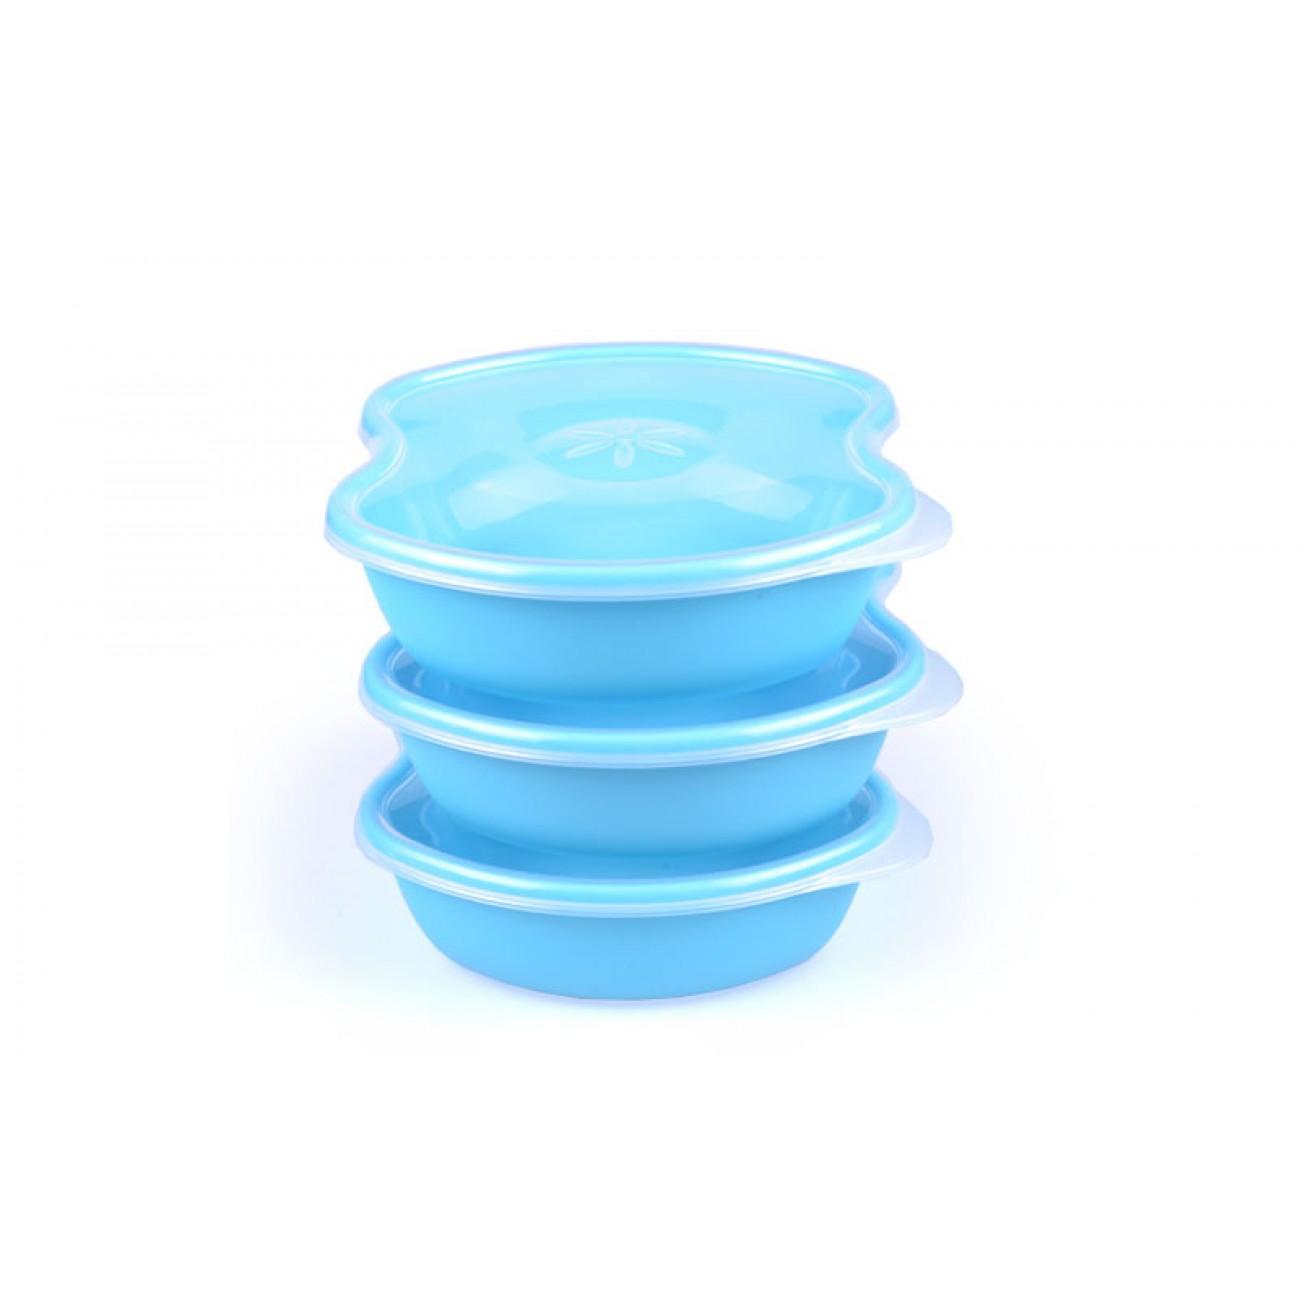 Σετ 3 τάπερ με εύκολο άνοιγμα - 18x15x5.5cm - Γαλάζιο - ΟΕΜ 34062